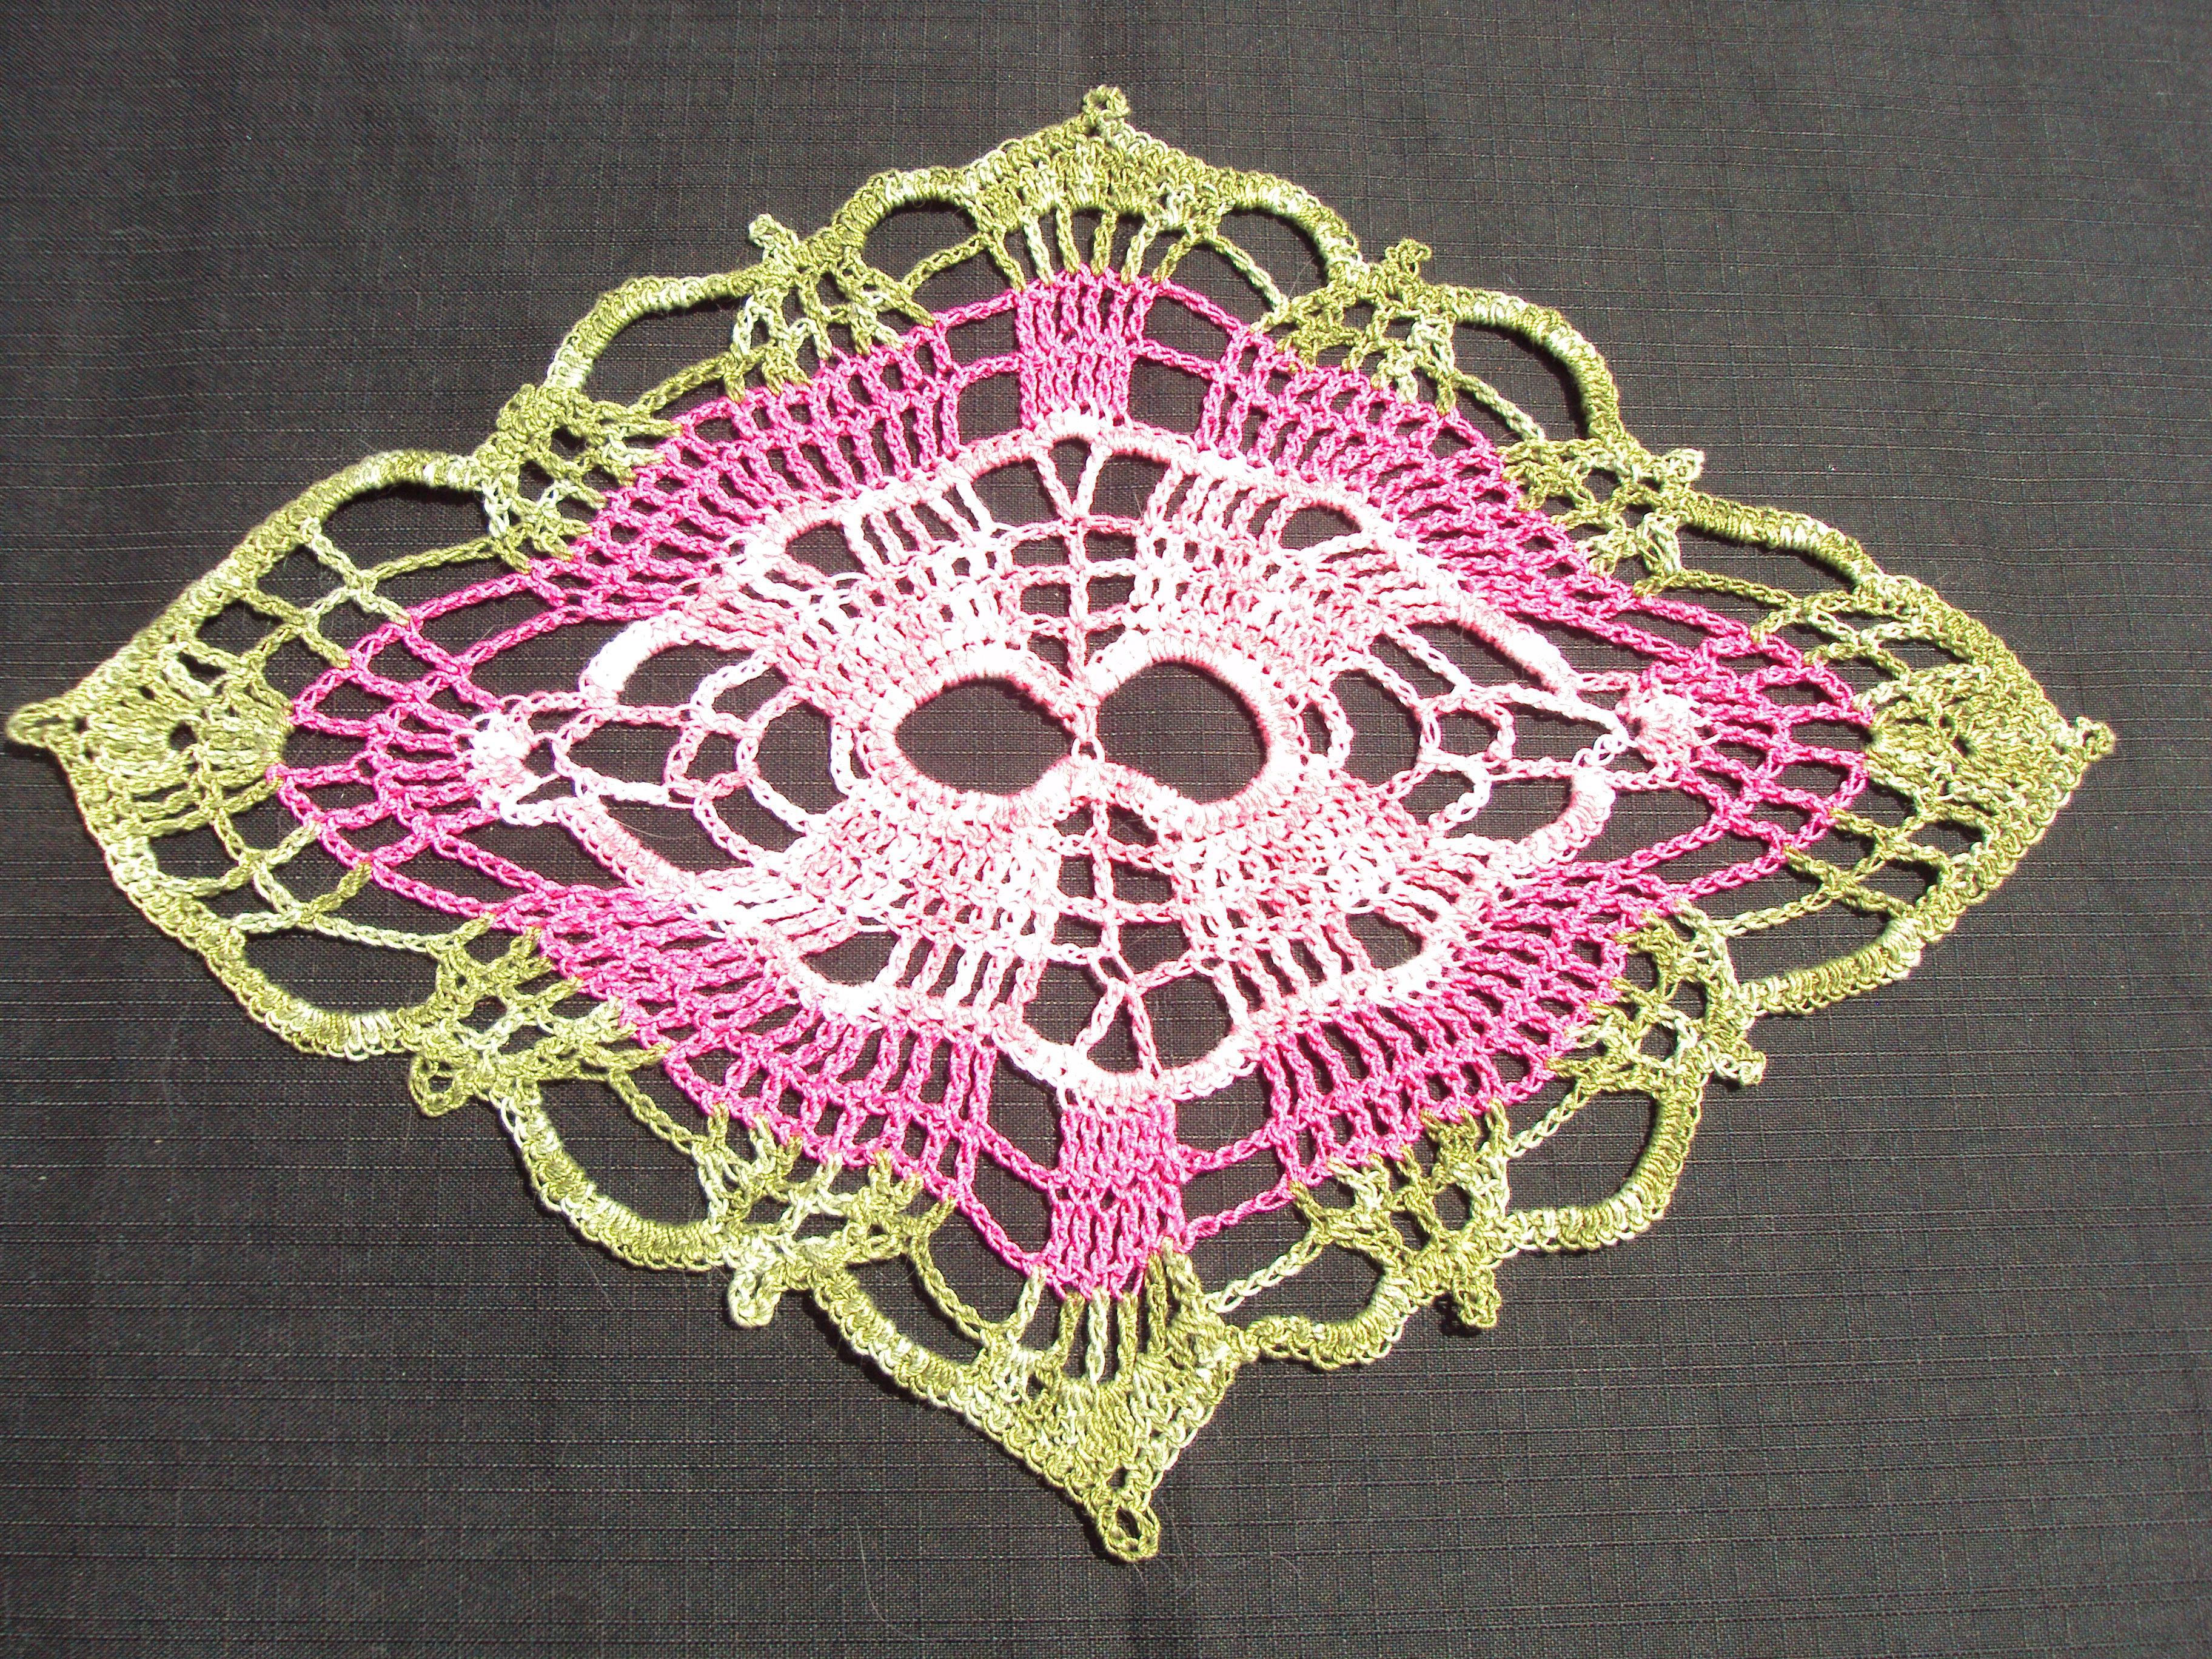 Grand Napperon Au Crochet en ce qui concerne napperon grand losange 2 tons de rose et vert - chantal costumes